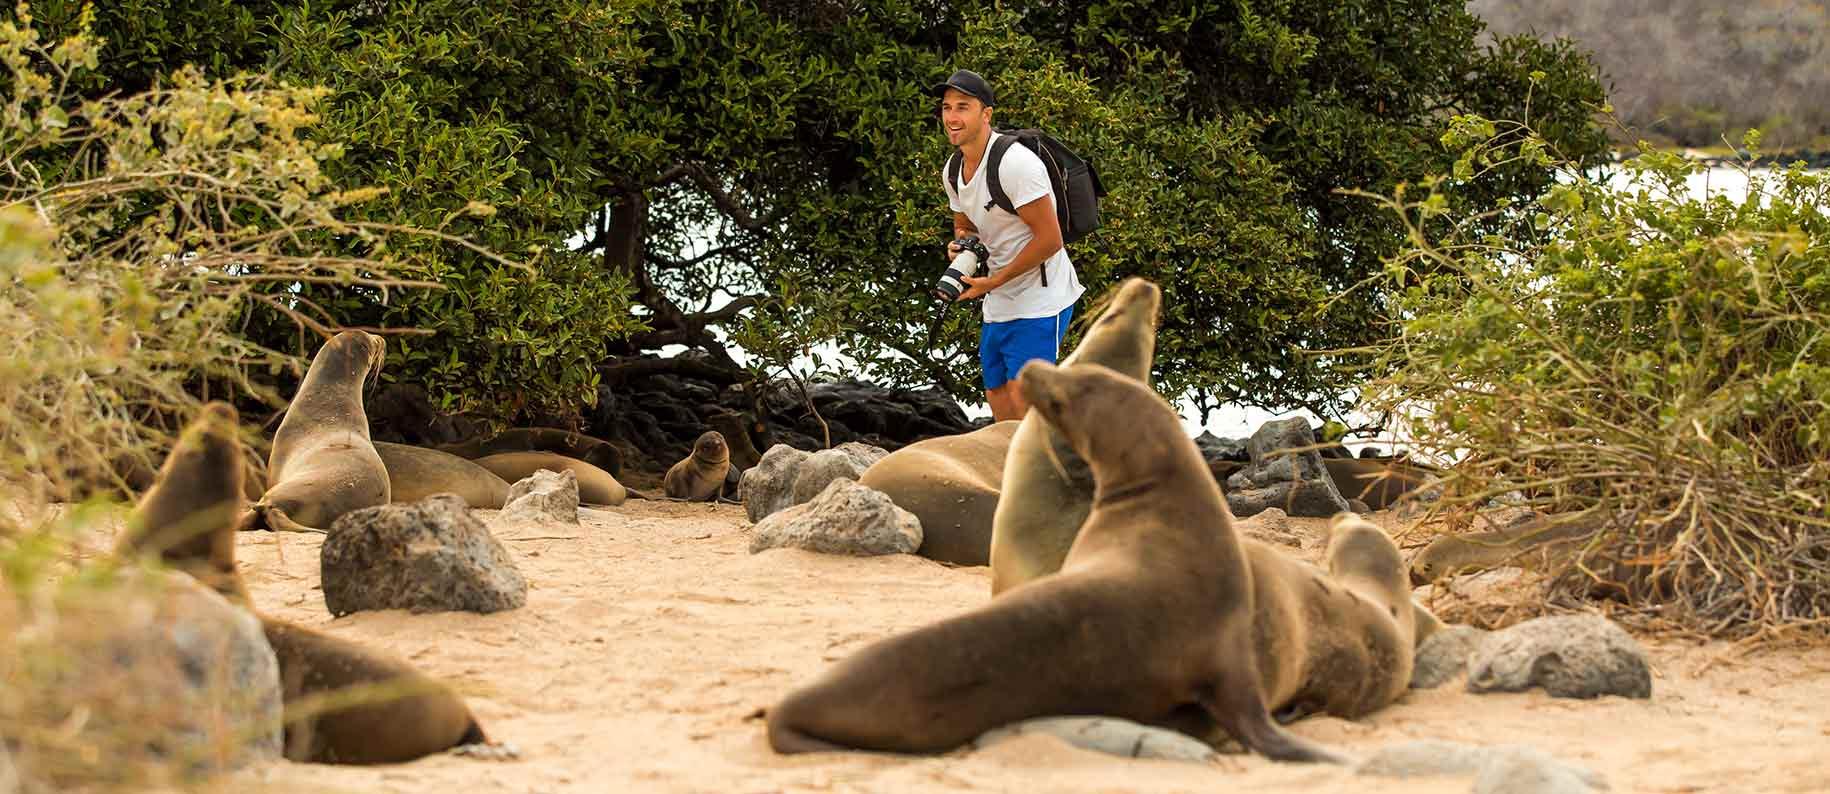 Galapagos Islands | Galapagos Tours | Galapagos Cruises